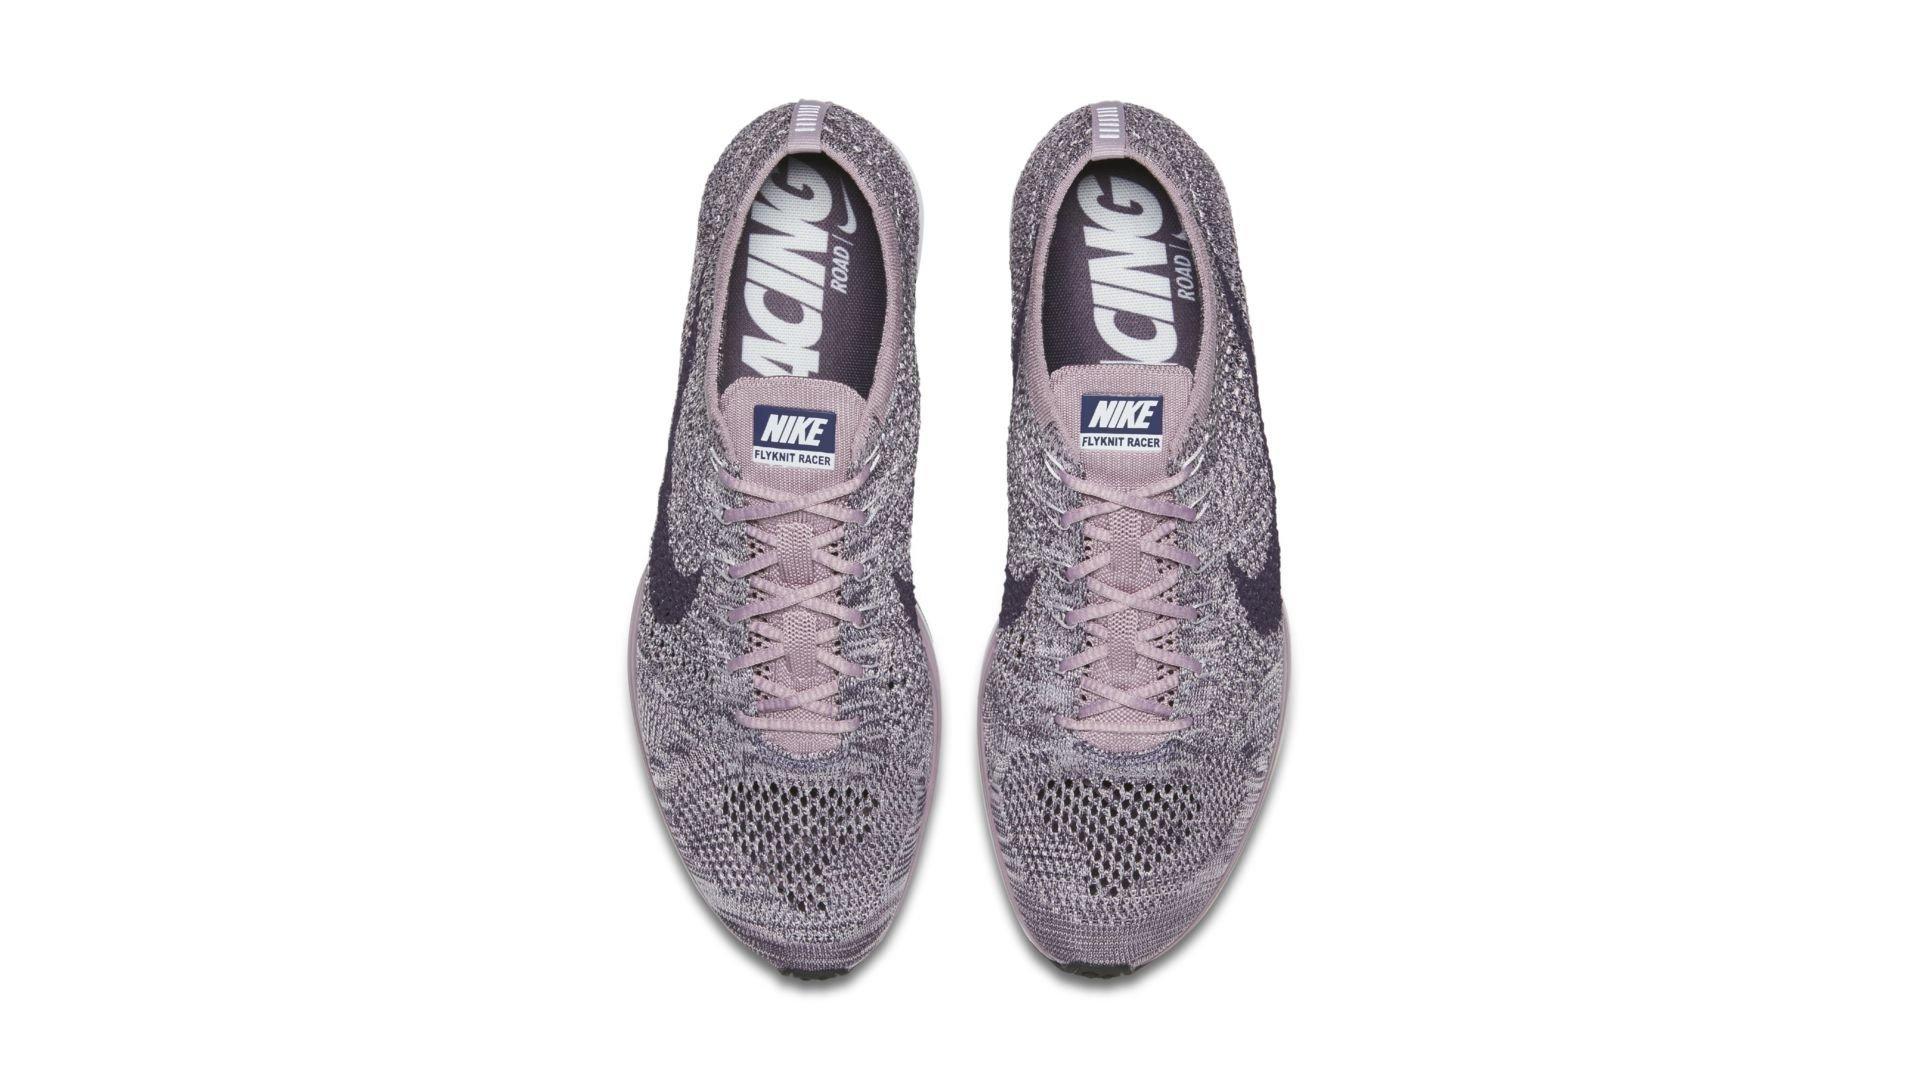 Nike Flyknit Racer 526628-500